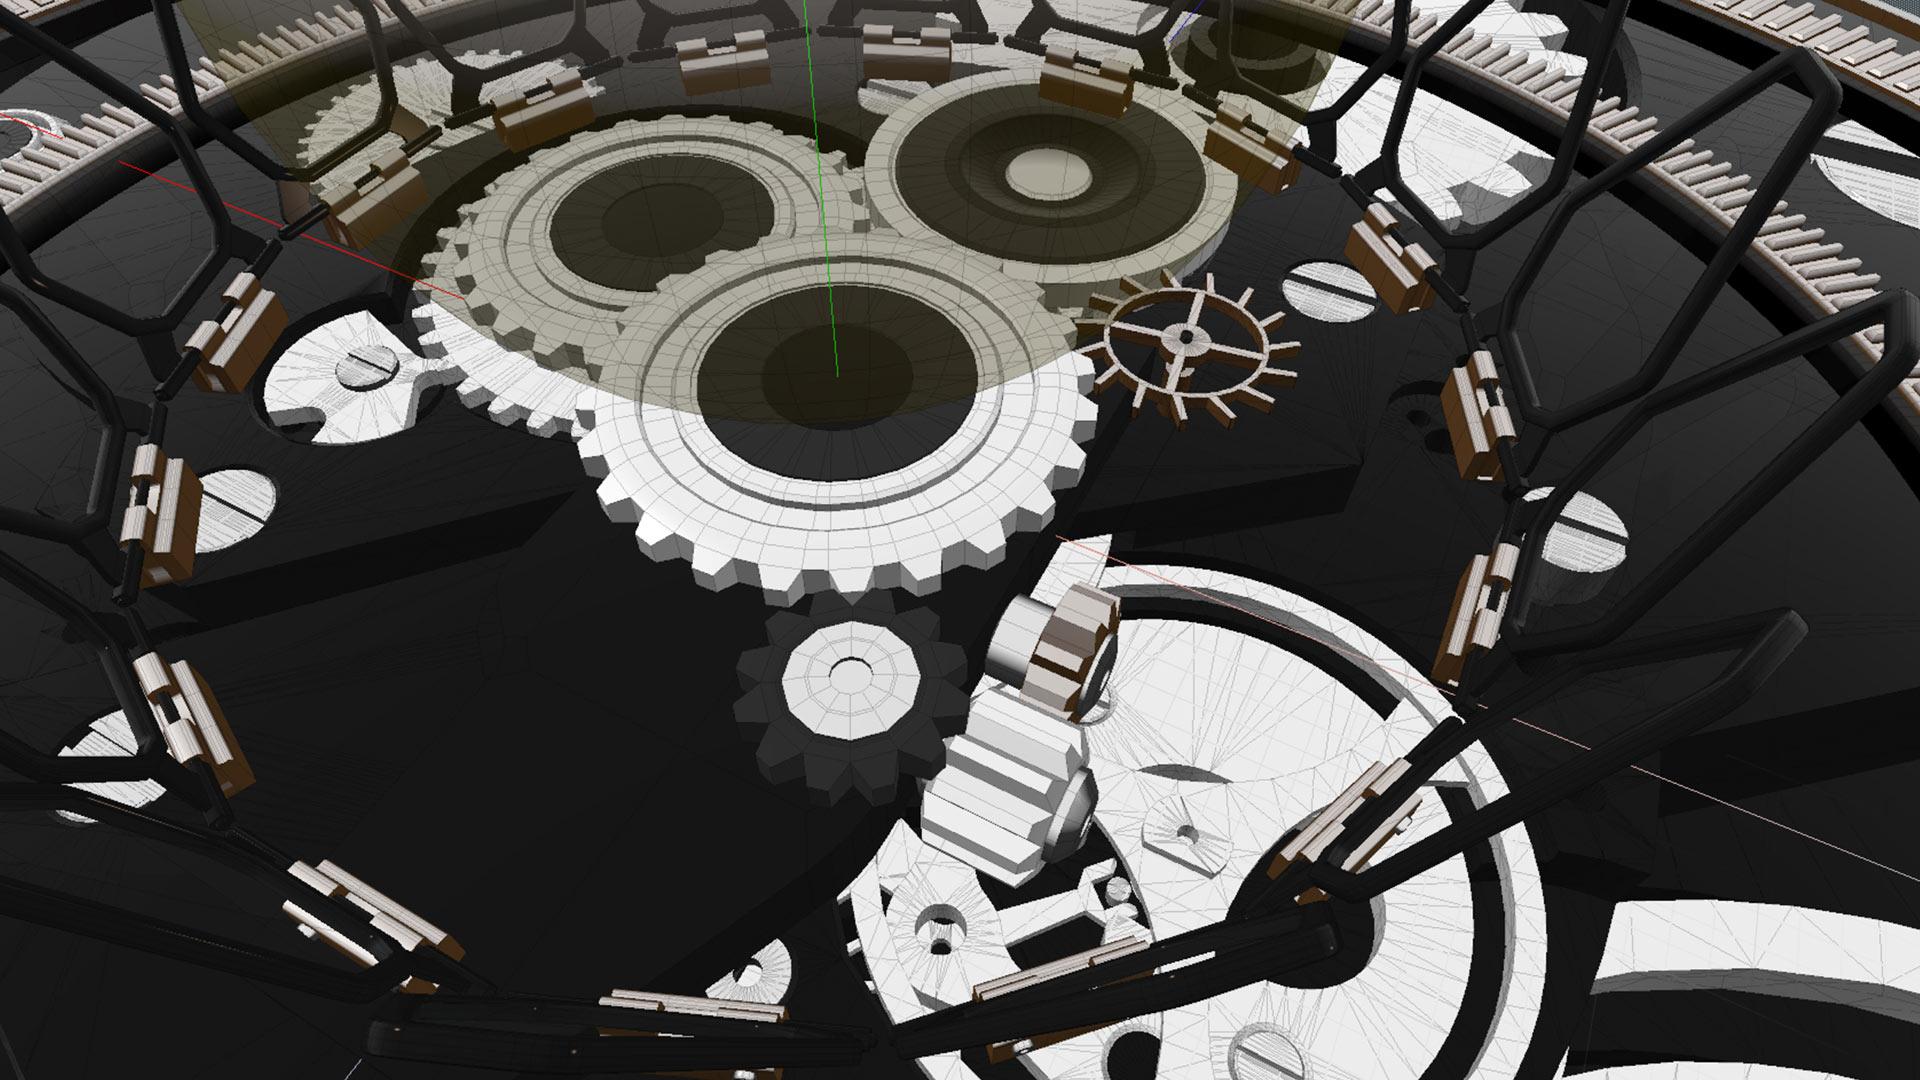 Astrolabe_WIP_01